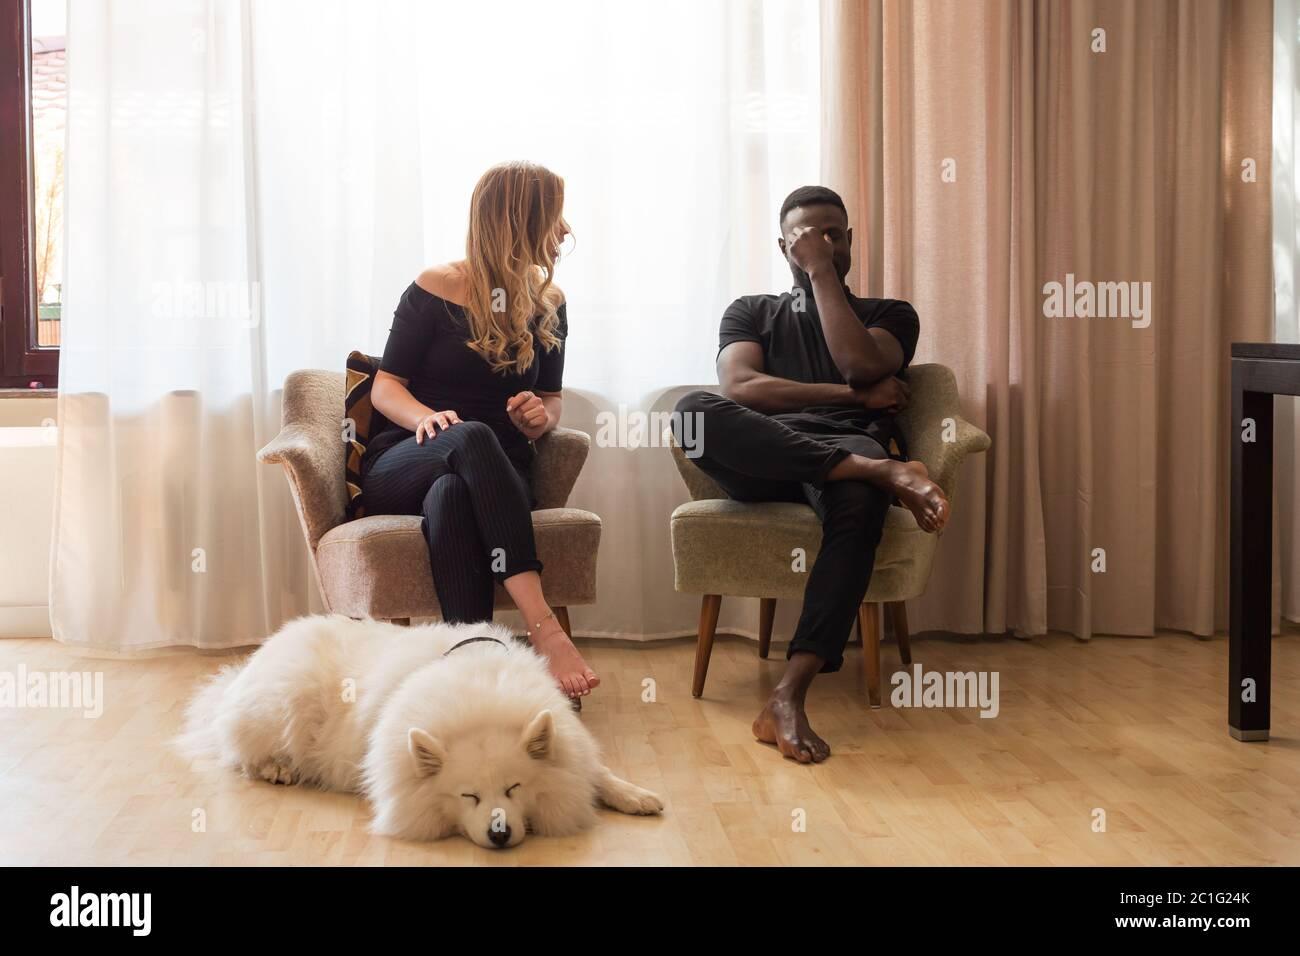 Homme et femme assis dans les fauteuils du salon avec un chien devant. Banque D'Images